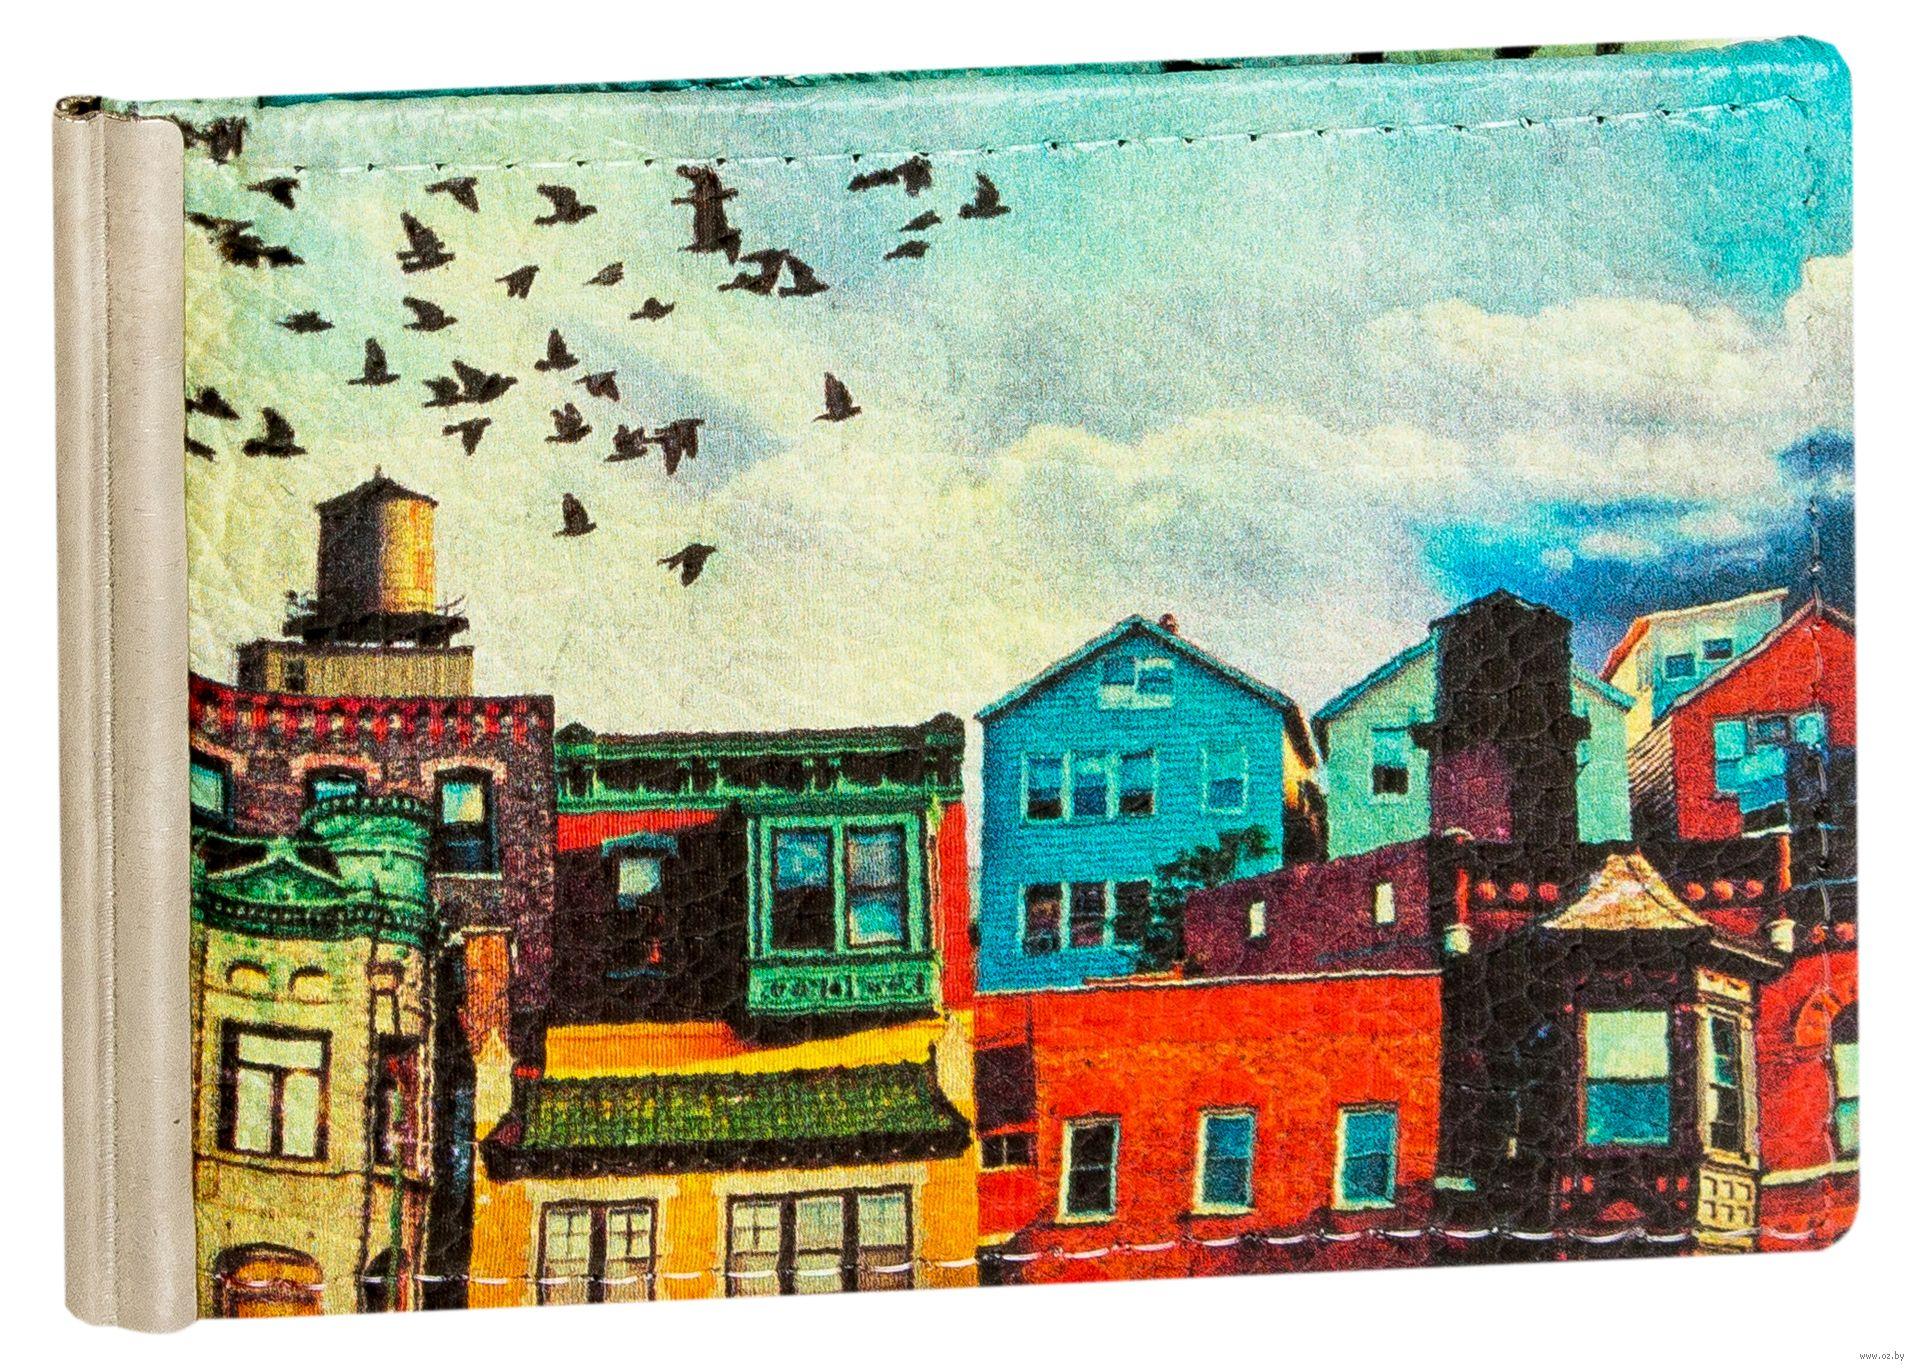 Издательство яркий город открытки, телефон анимация